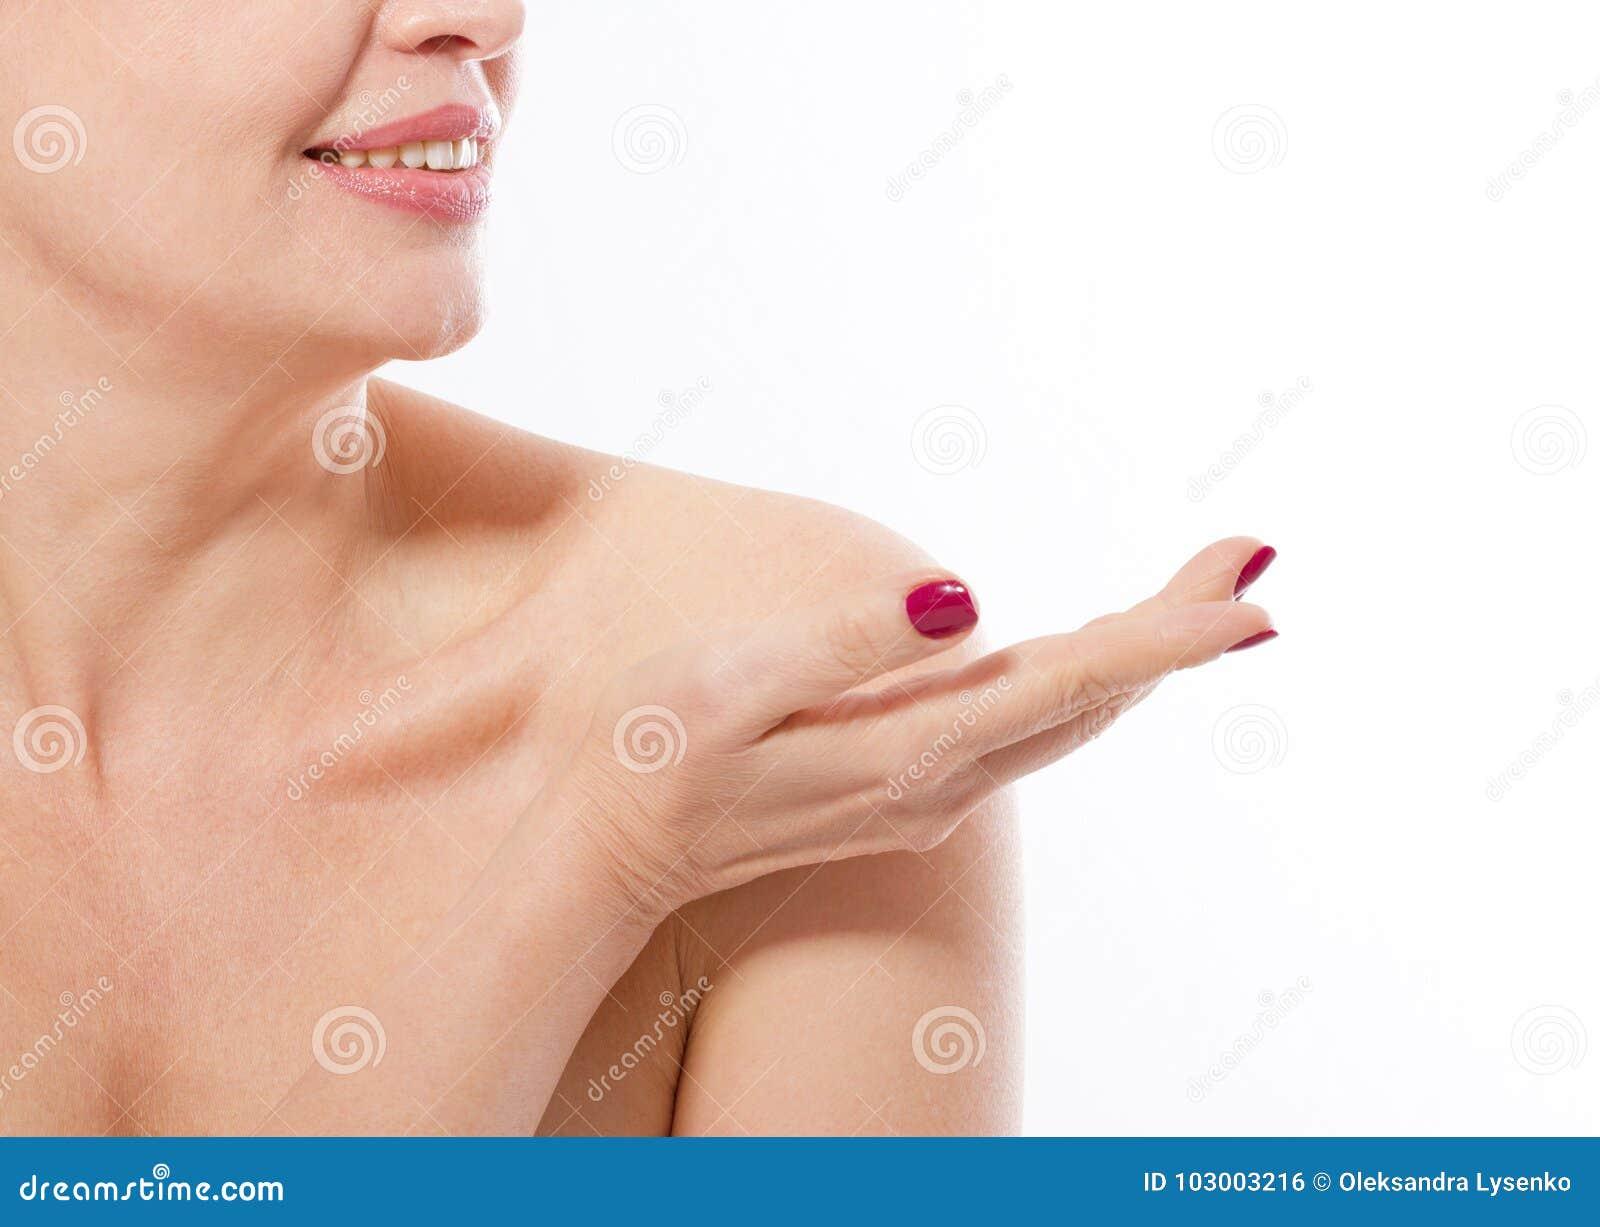 Χαμογελώντας γυναίκα Μεσαίωνα που παρουσιάζει θέση για τη διαφήμιση από το χέρι της που απομονώνεται στο άσπρο υπόβαθρο Κολλαγόνο